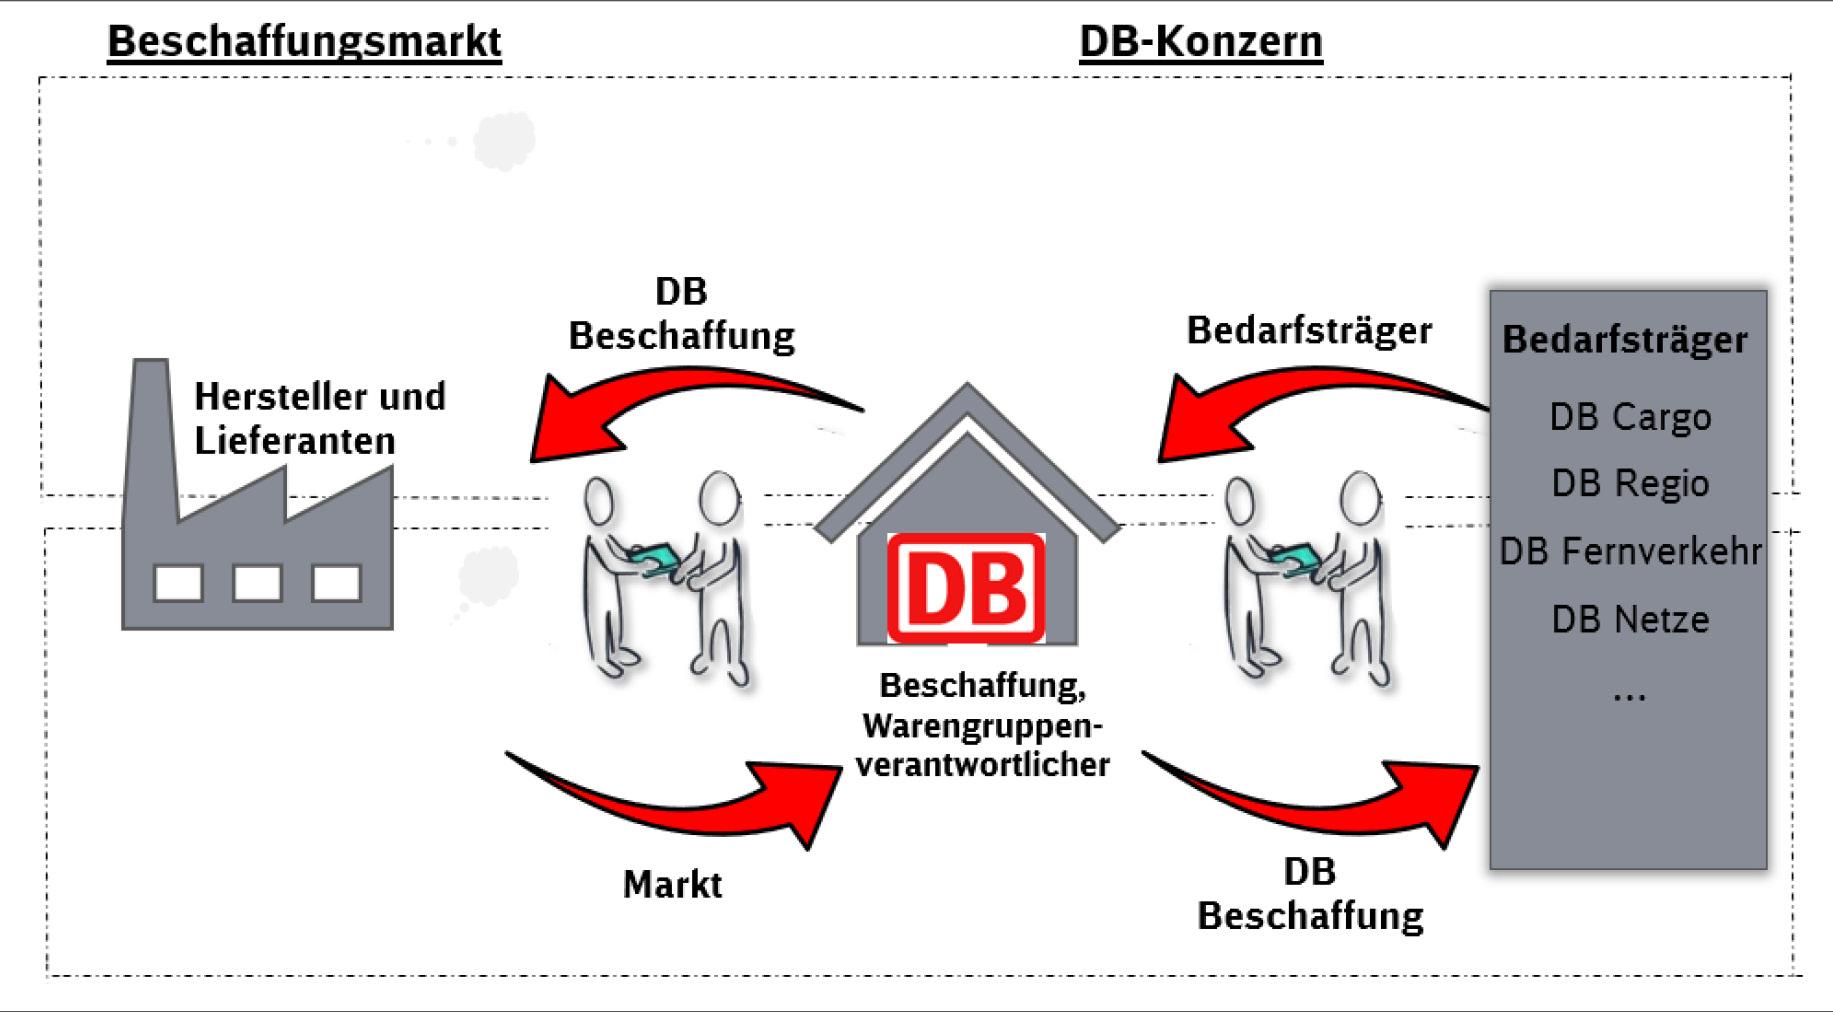 Grafische Darstellung von Beschaffungsprozessen der DB